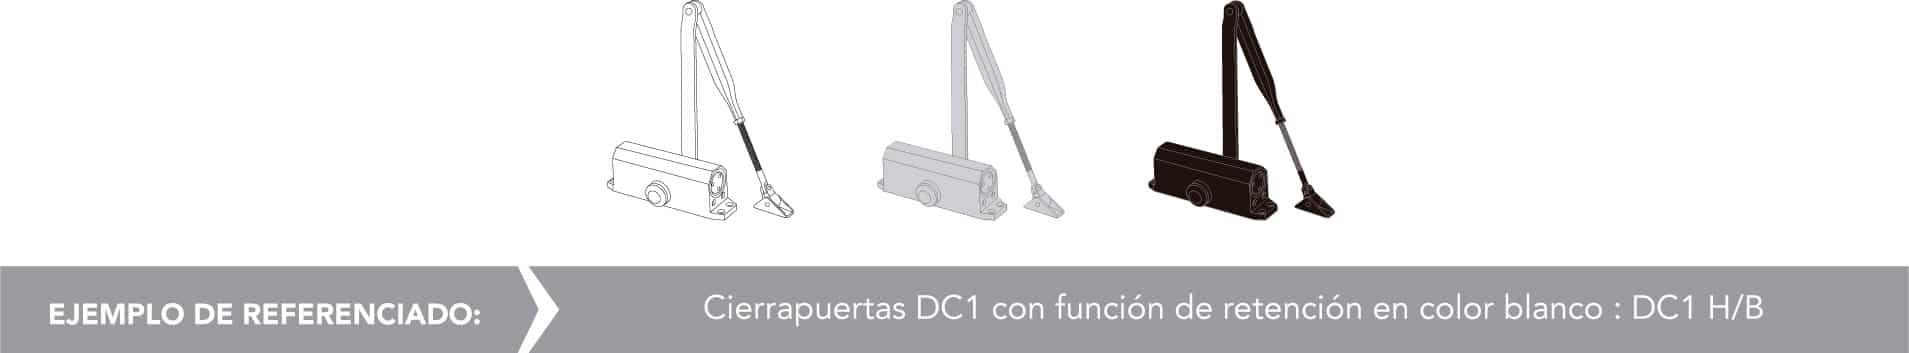 Ejemplo de referencia para DC1